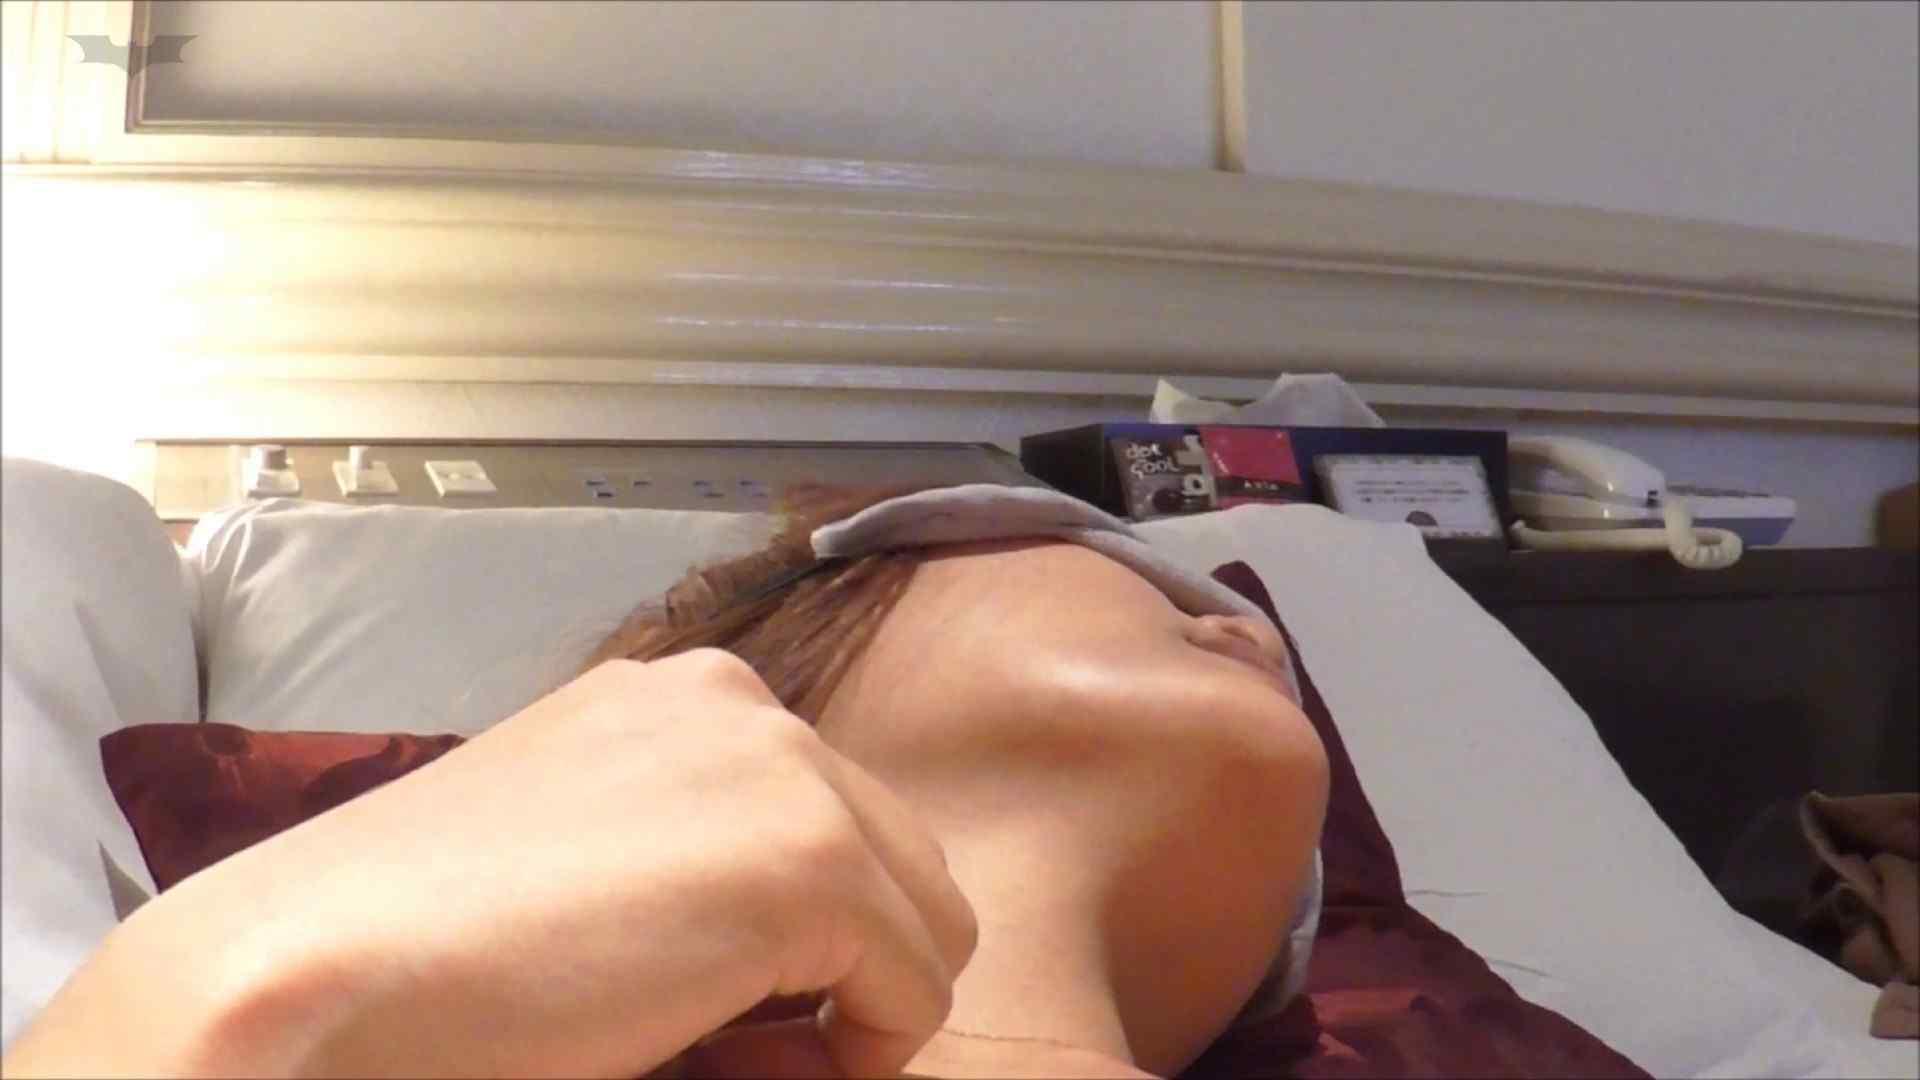 内緒でデリヘル盗撮 Vol.03中編 美肌、美人のデリ嬢にいよいよ挿入! 美肌 | 美乳  95枚 40